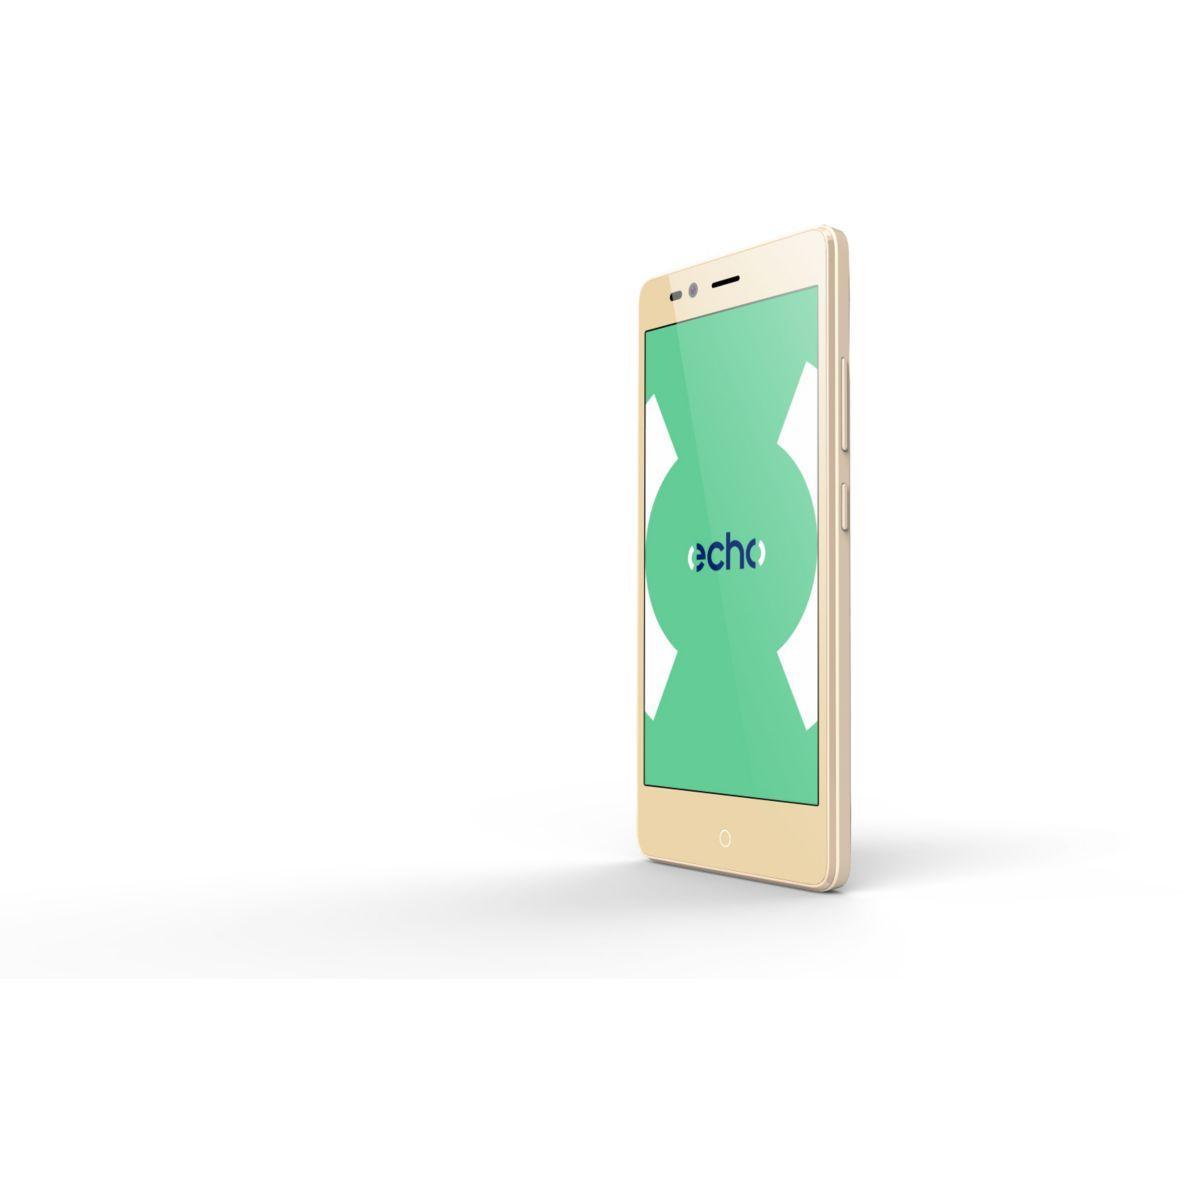 Smartphone echo smart gold - soldes et bonnes affaires à prix imbattables